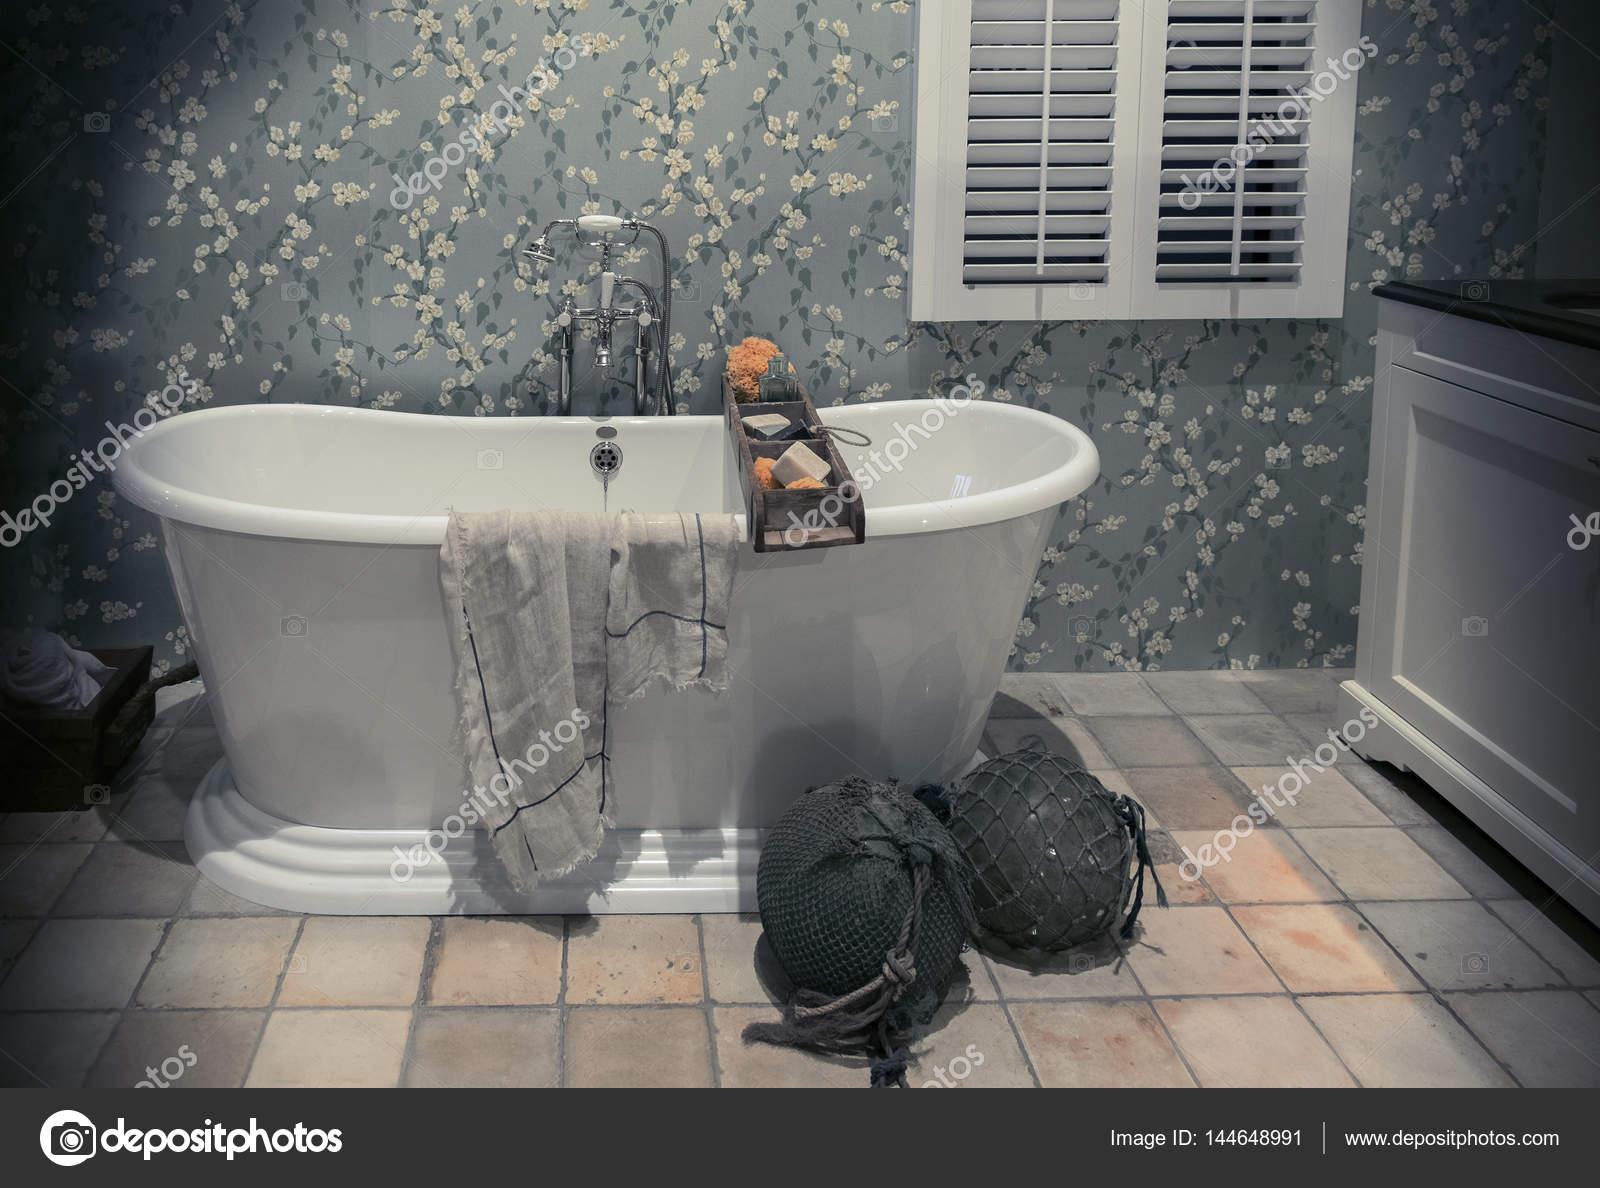 klassieke badkamer in landelijke stijl — Stockfoto © araraadt #144648991